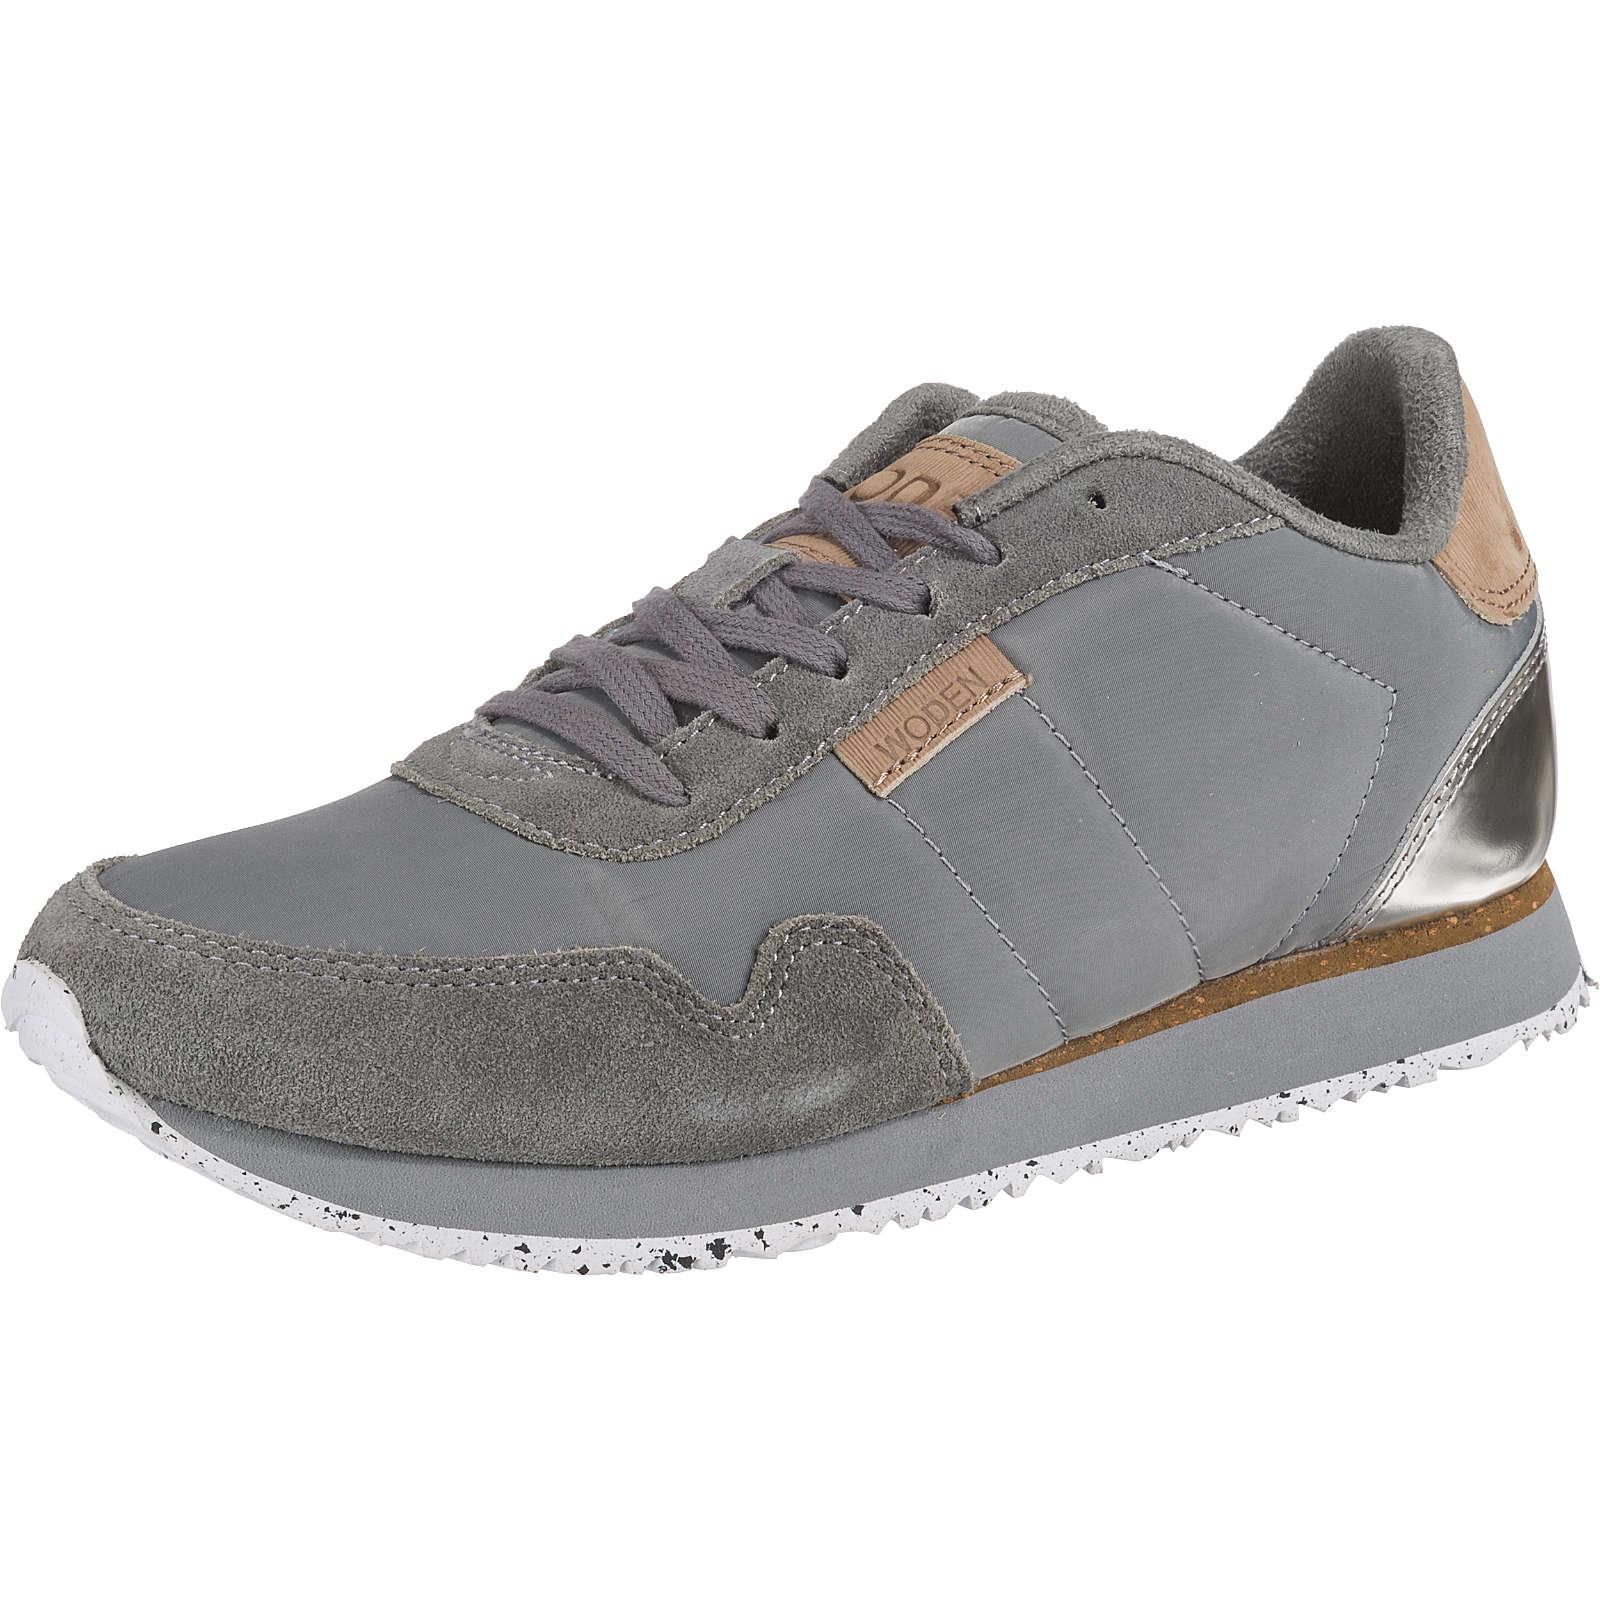 WODEN Nora ll Sneakers Low dunkelgrau Damen Gr. 37